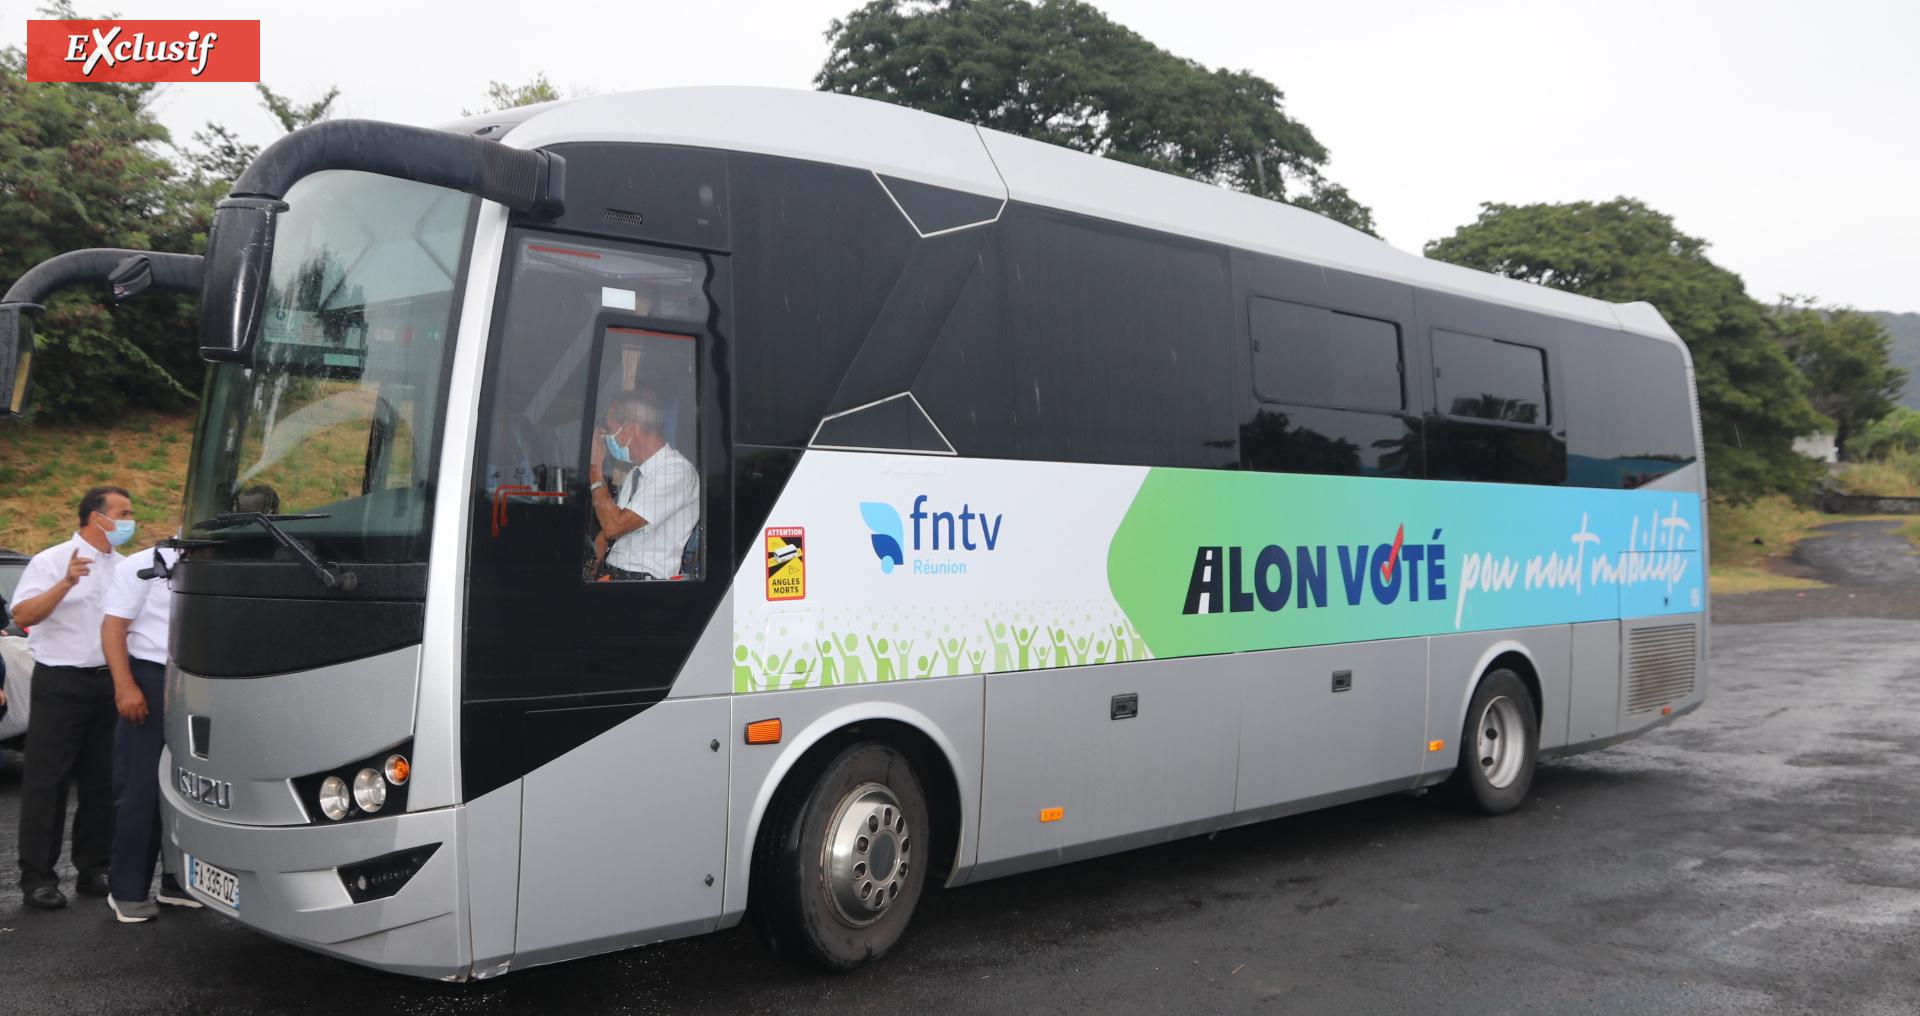 Mobilité: la FNTV milite pour une meilleure mobilité contre le coma circulatoire